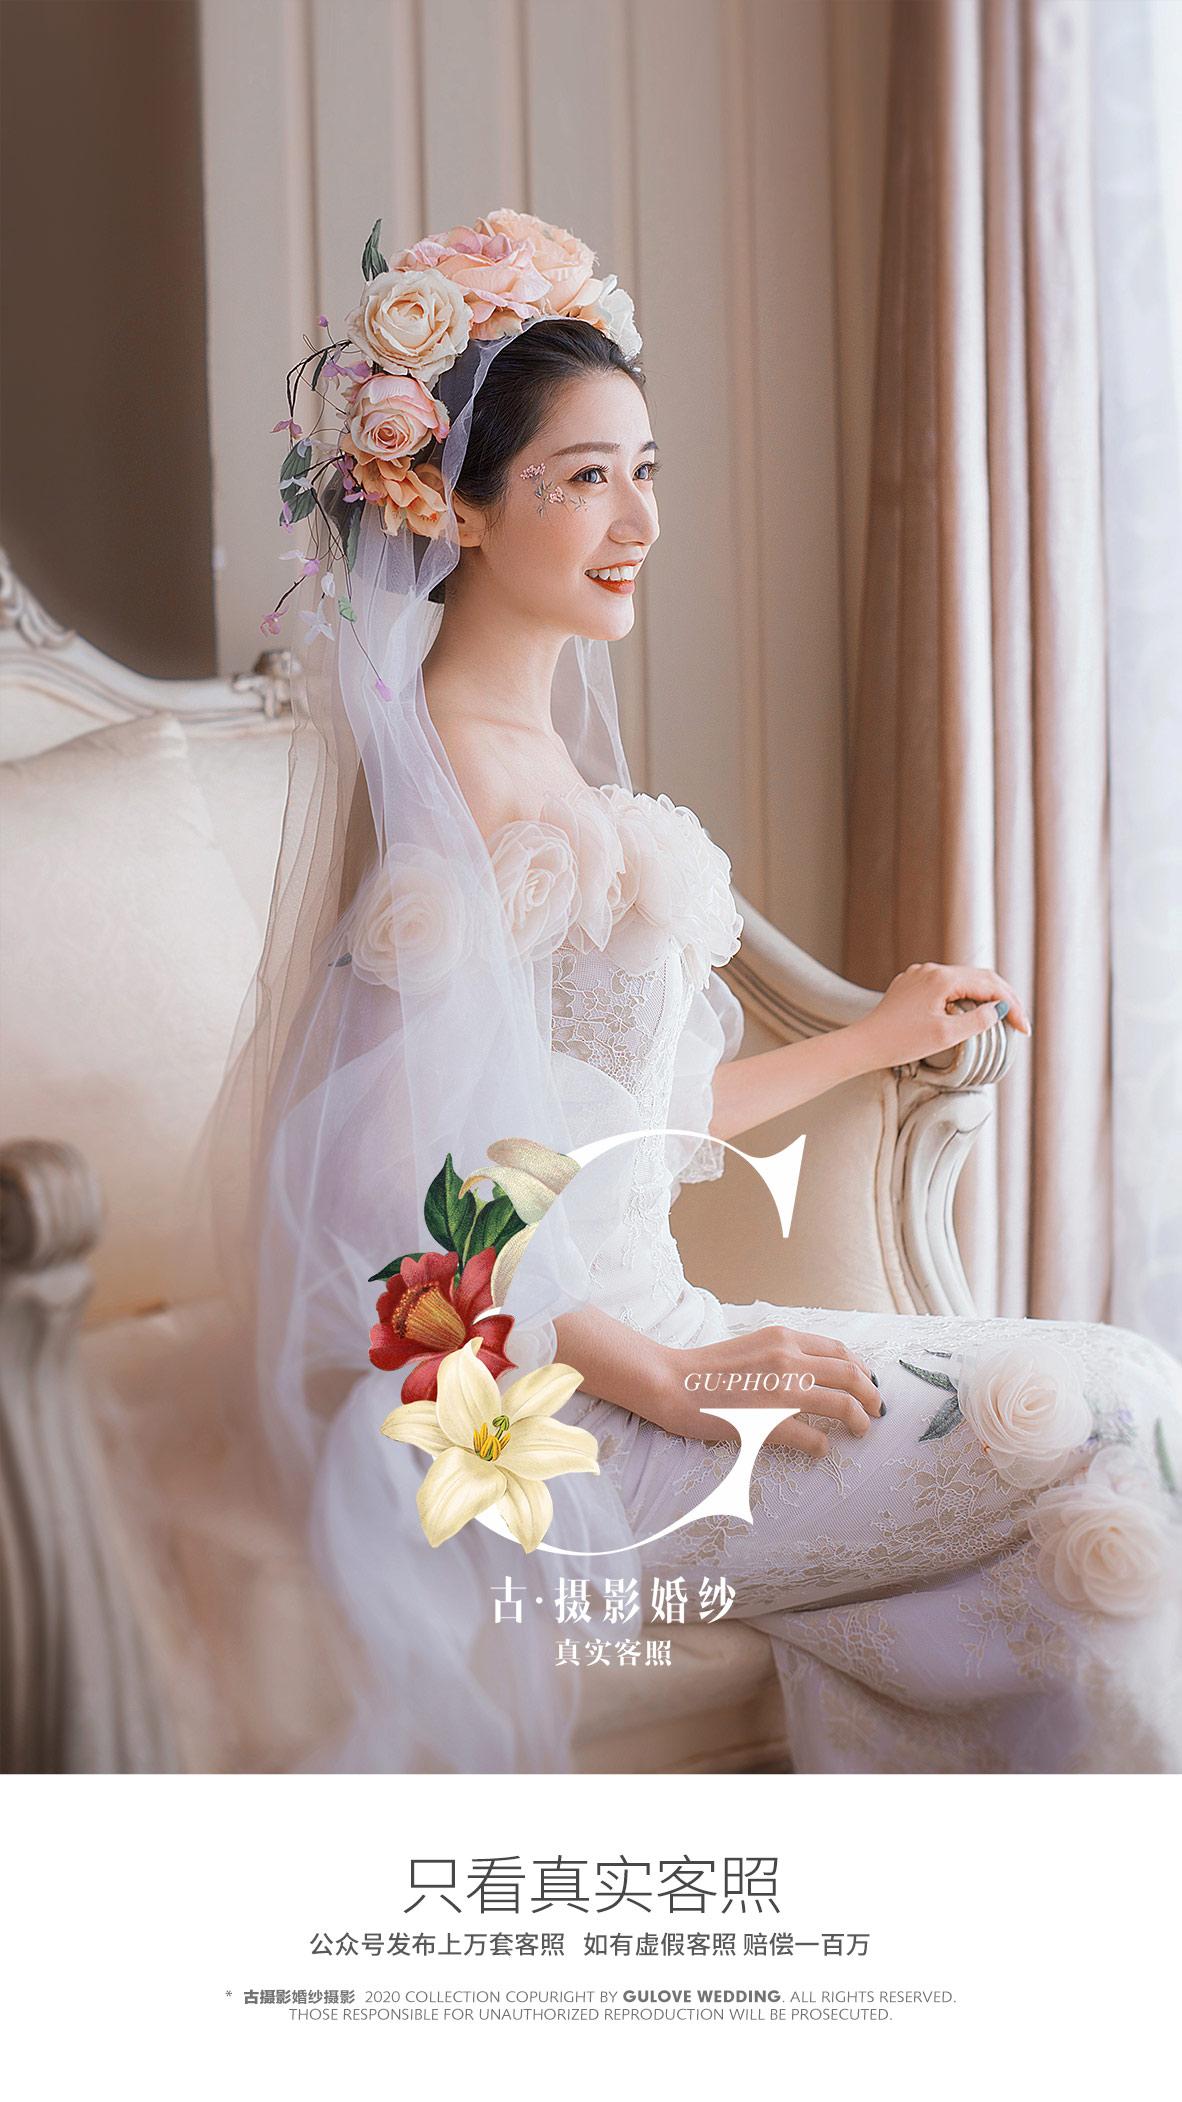 8月客照第二季 - 月度客照 - 古攝影婚紗藝術-古攝影成都婚紗攝影藝術攝影網